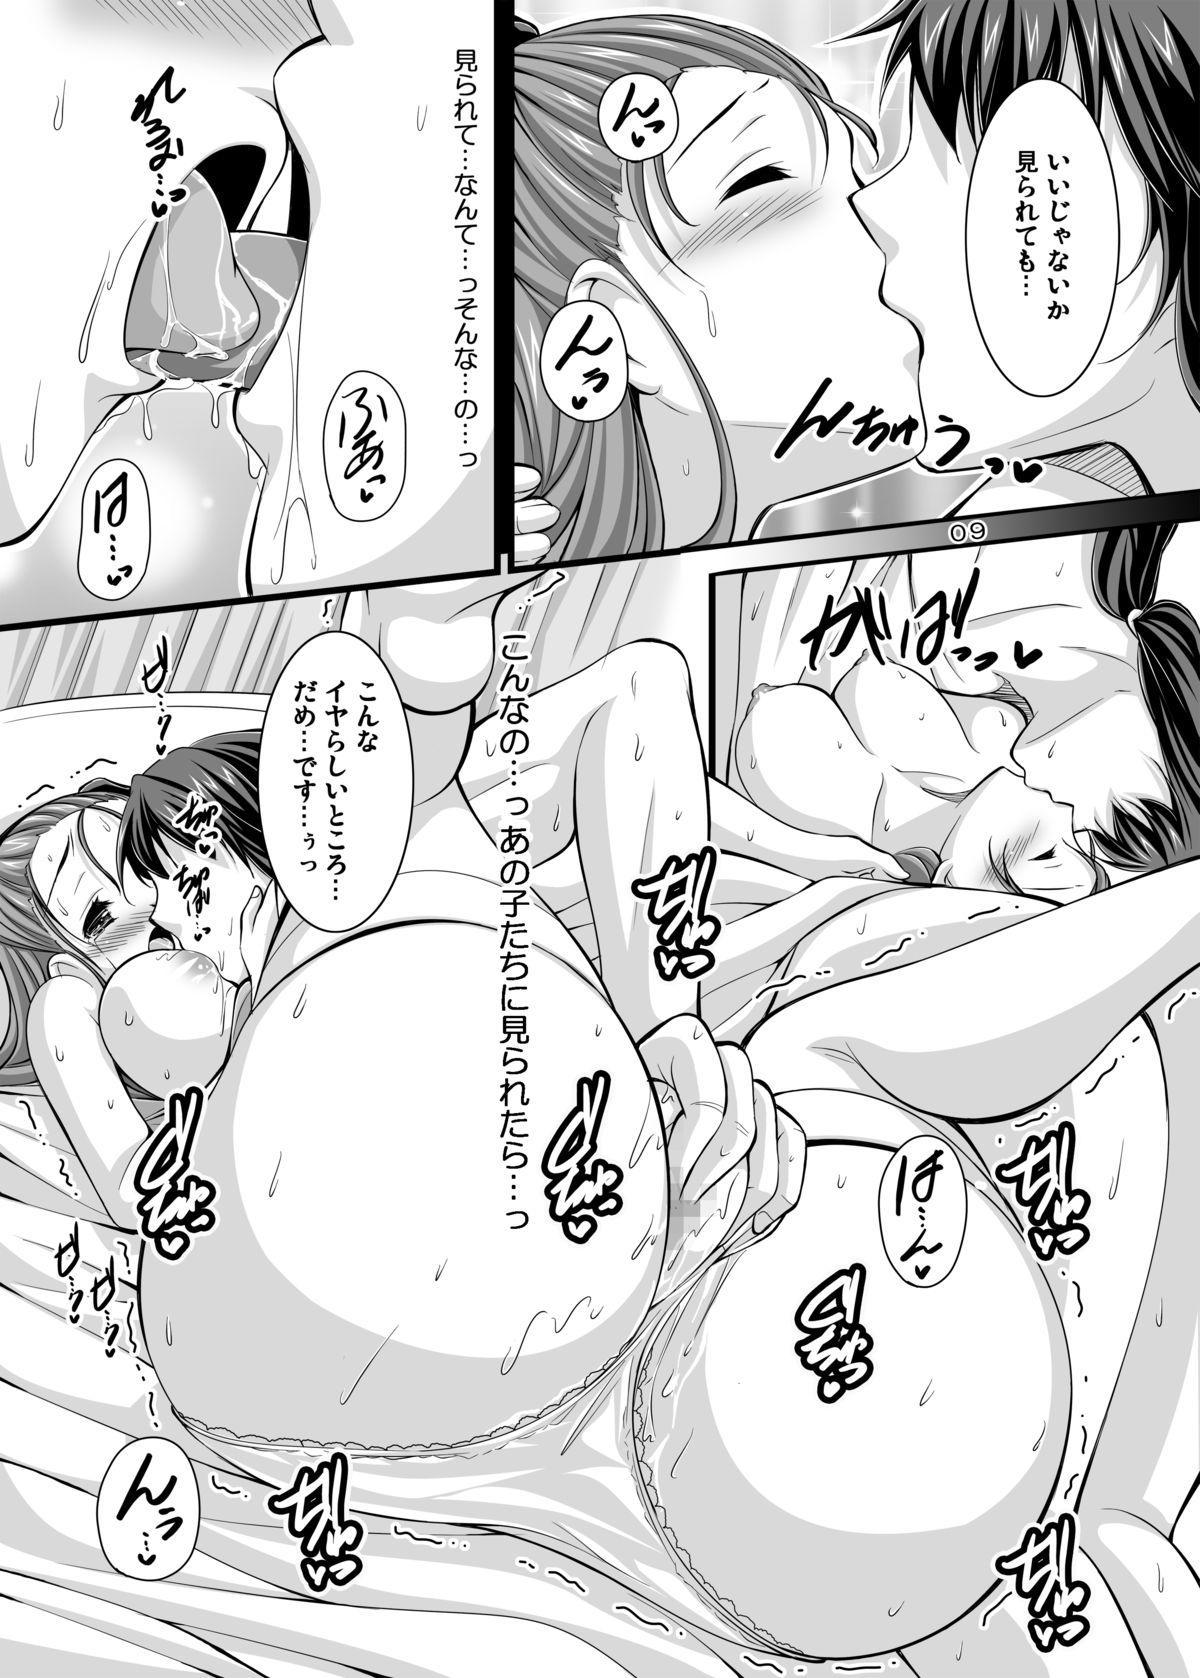 Basha no Naka de Onii-chan to Ecchi Shimasu 8